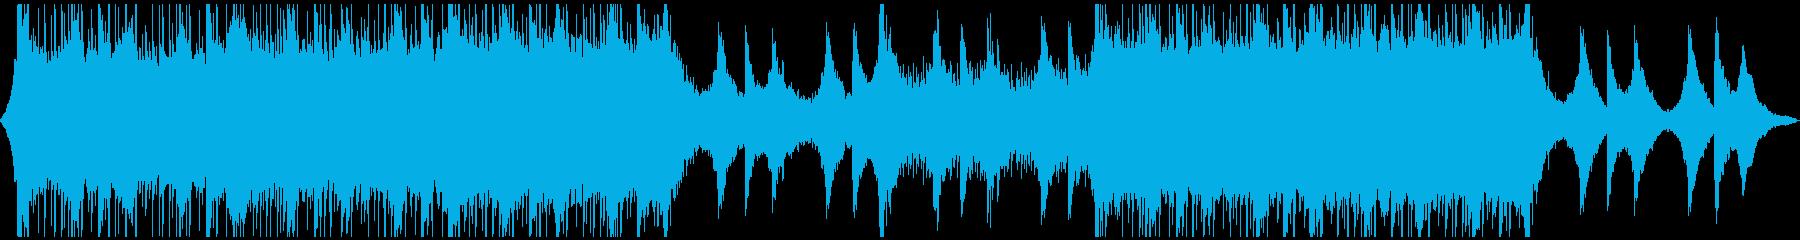 デジタル広告企業音楽の再生済みの波形